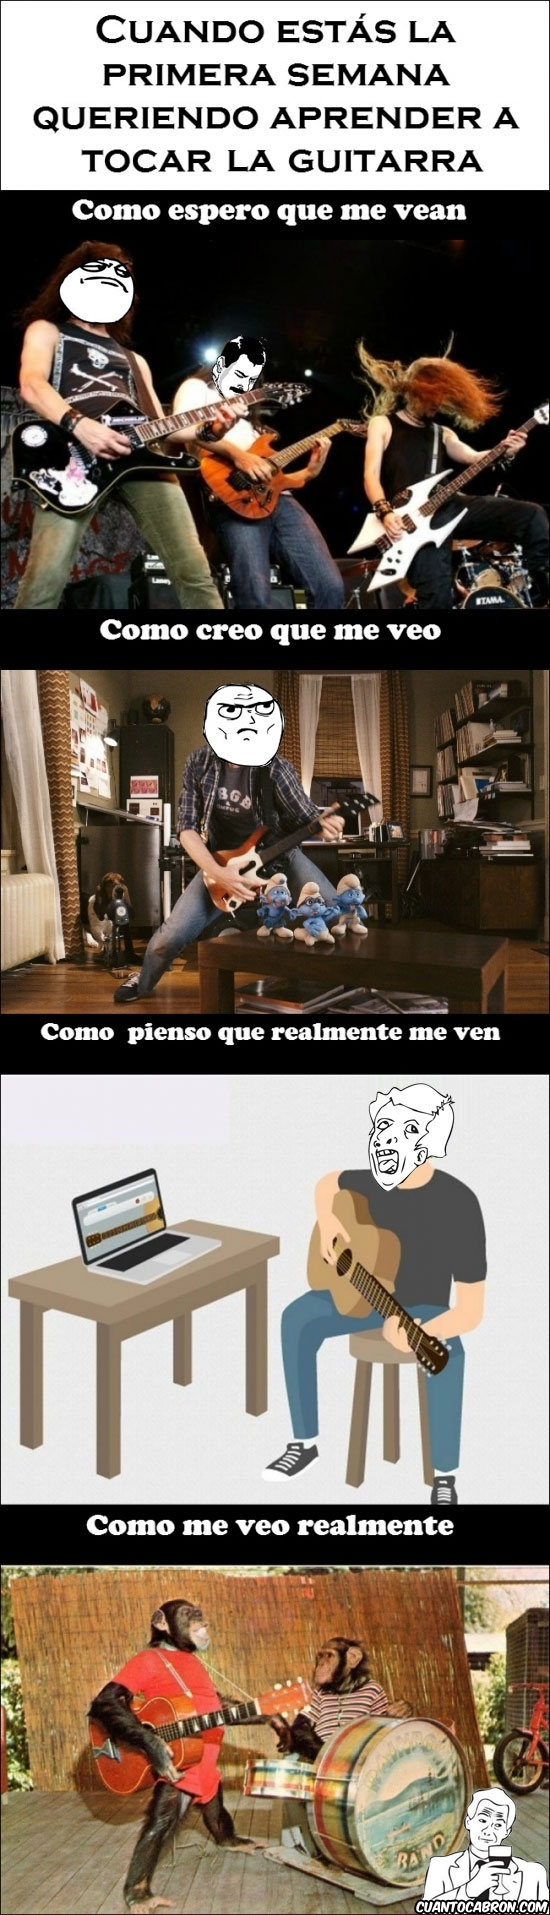 Mix - La realidad cuando aprendes a tocar guitarra